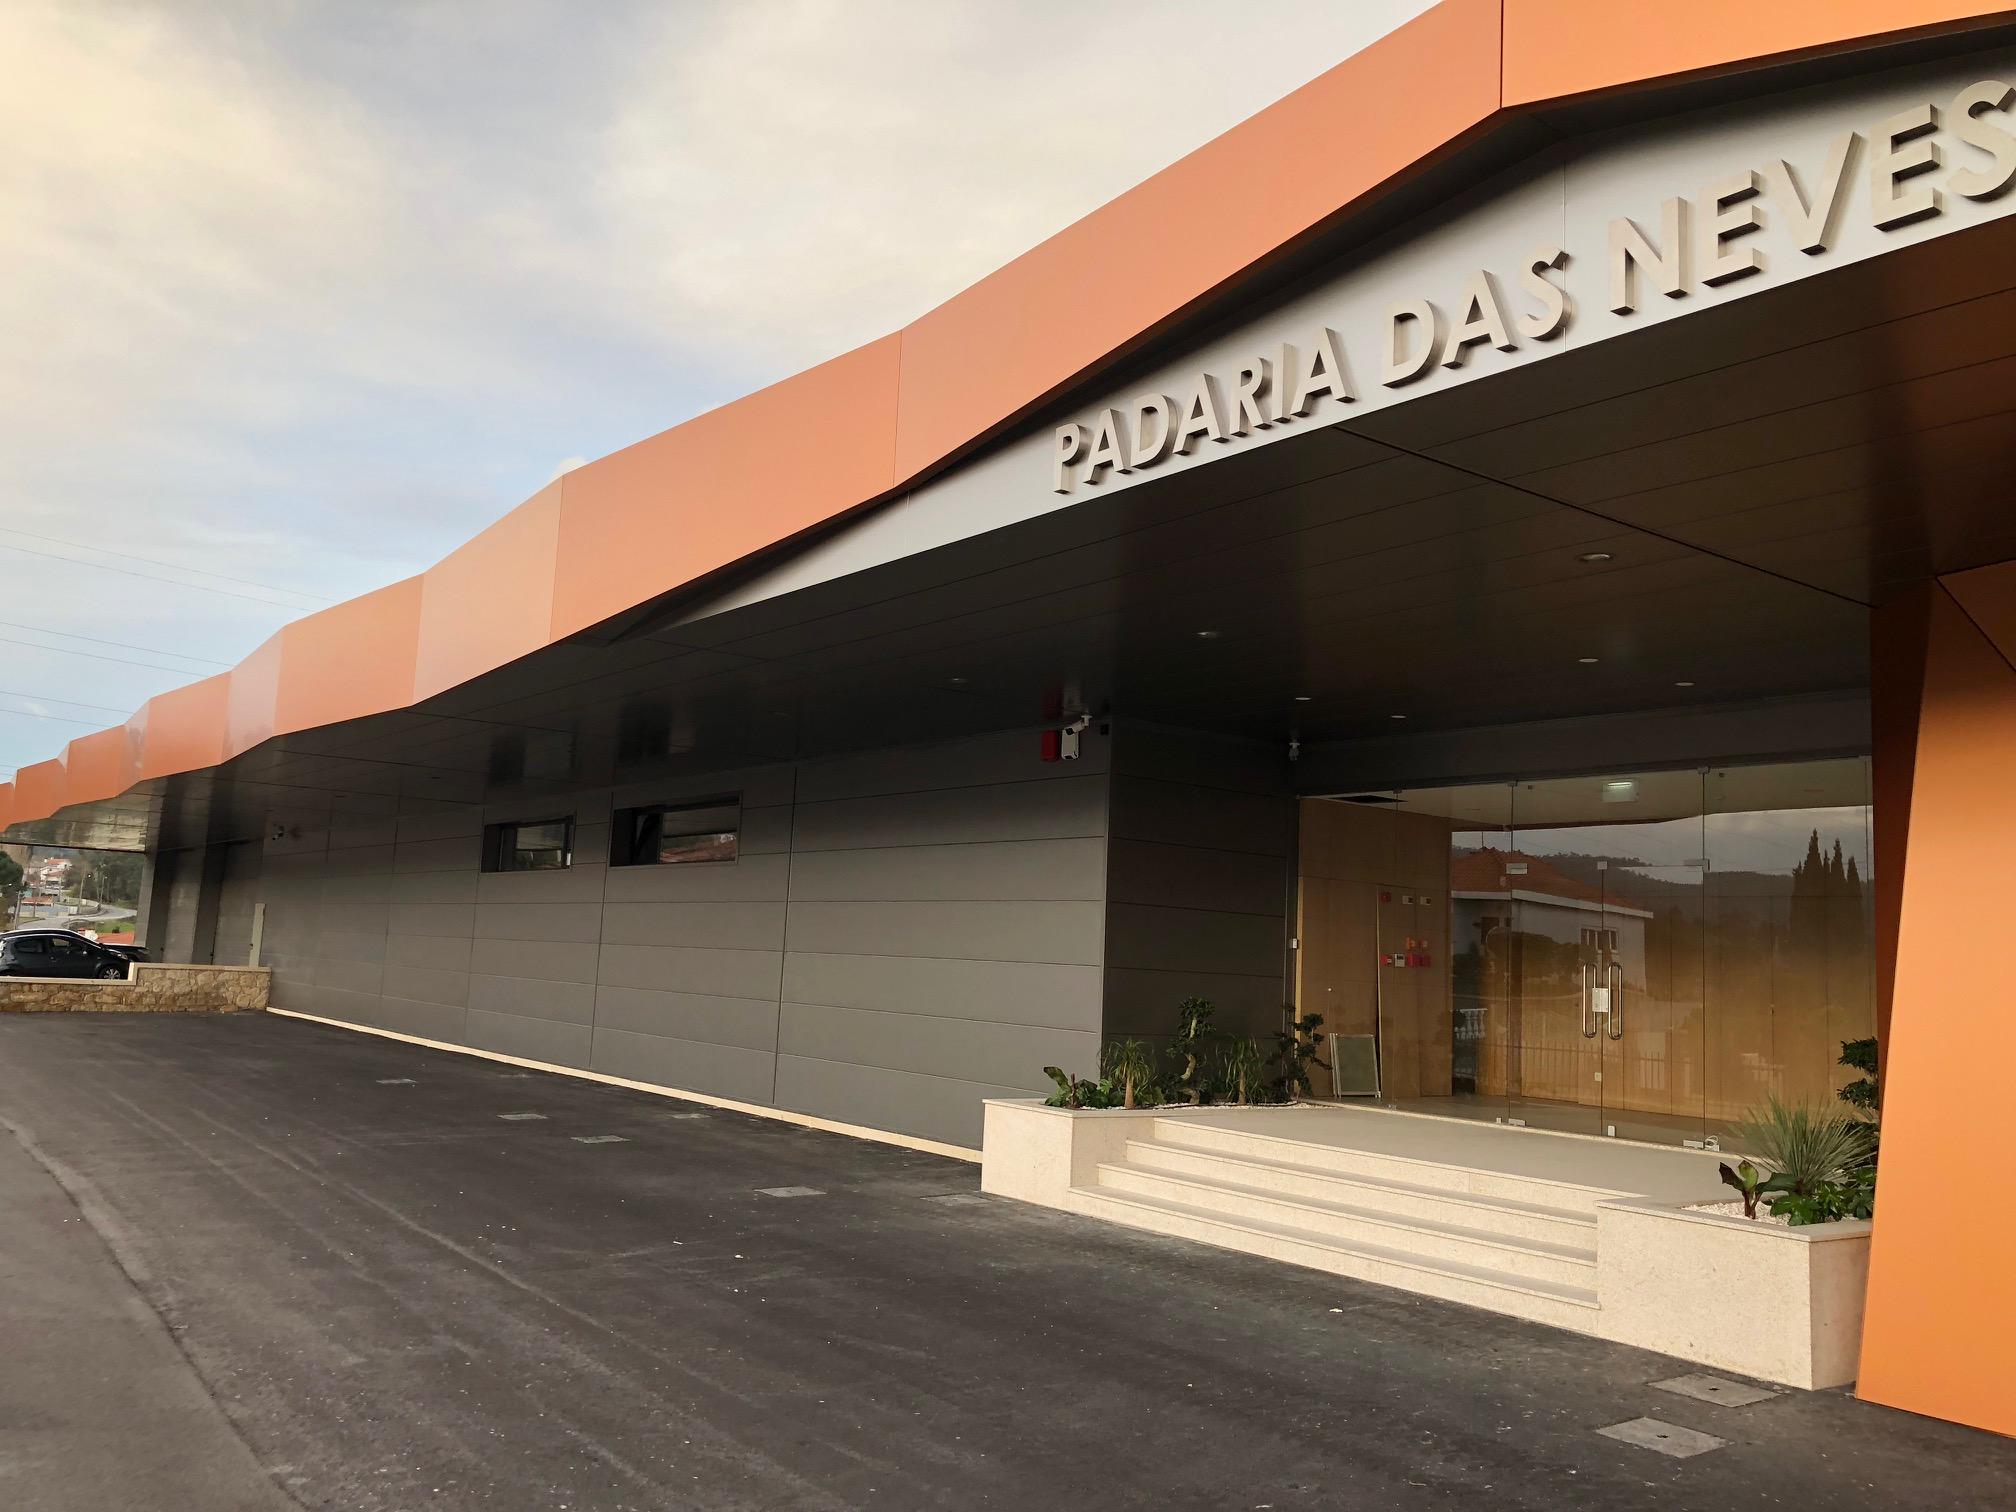 Novas instalações da Padaria das Neves abrem em abril num investimento de 2,5 ME